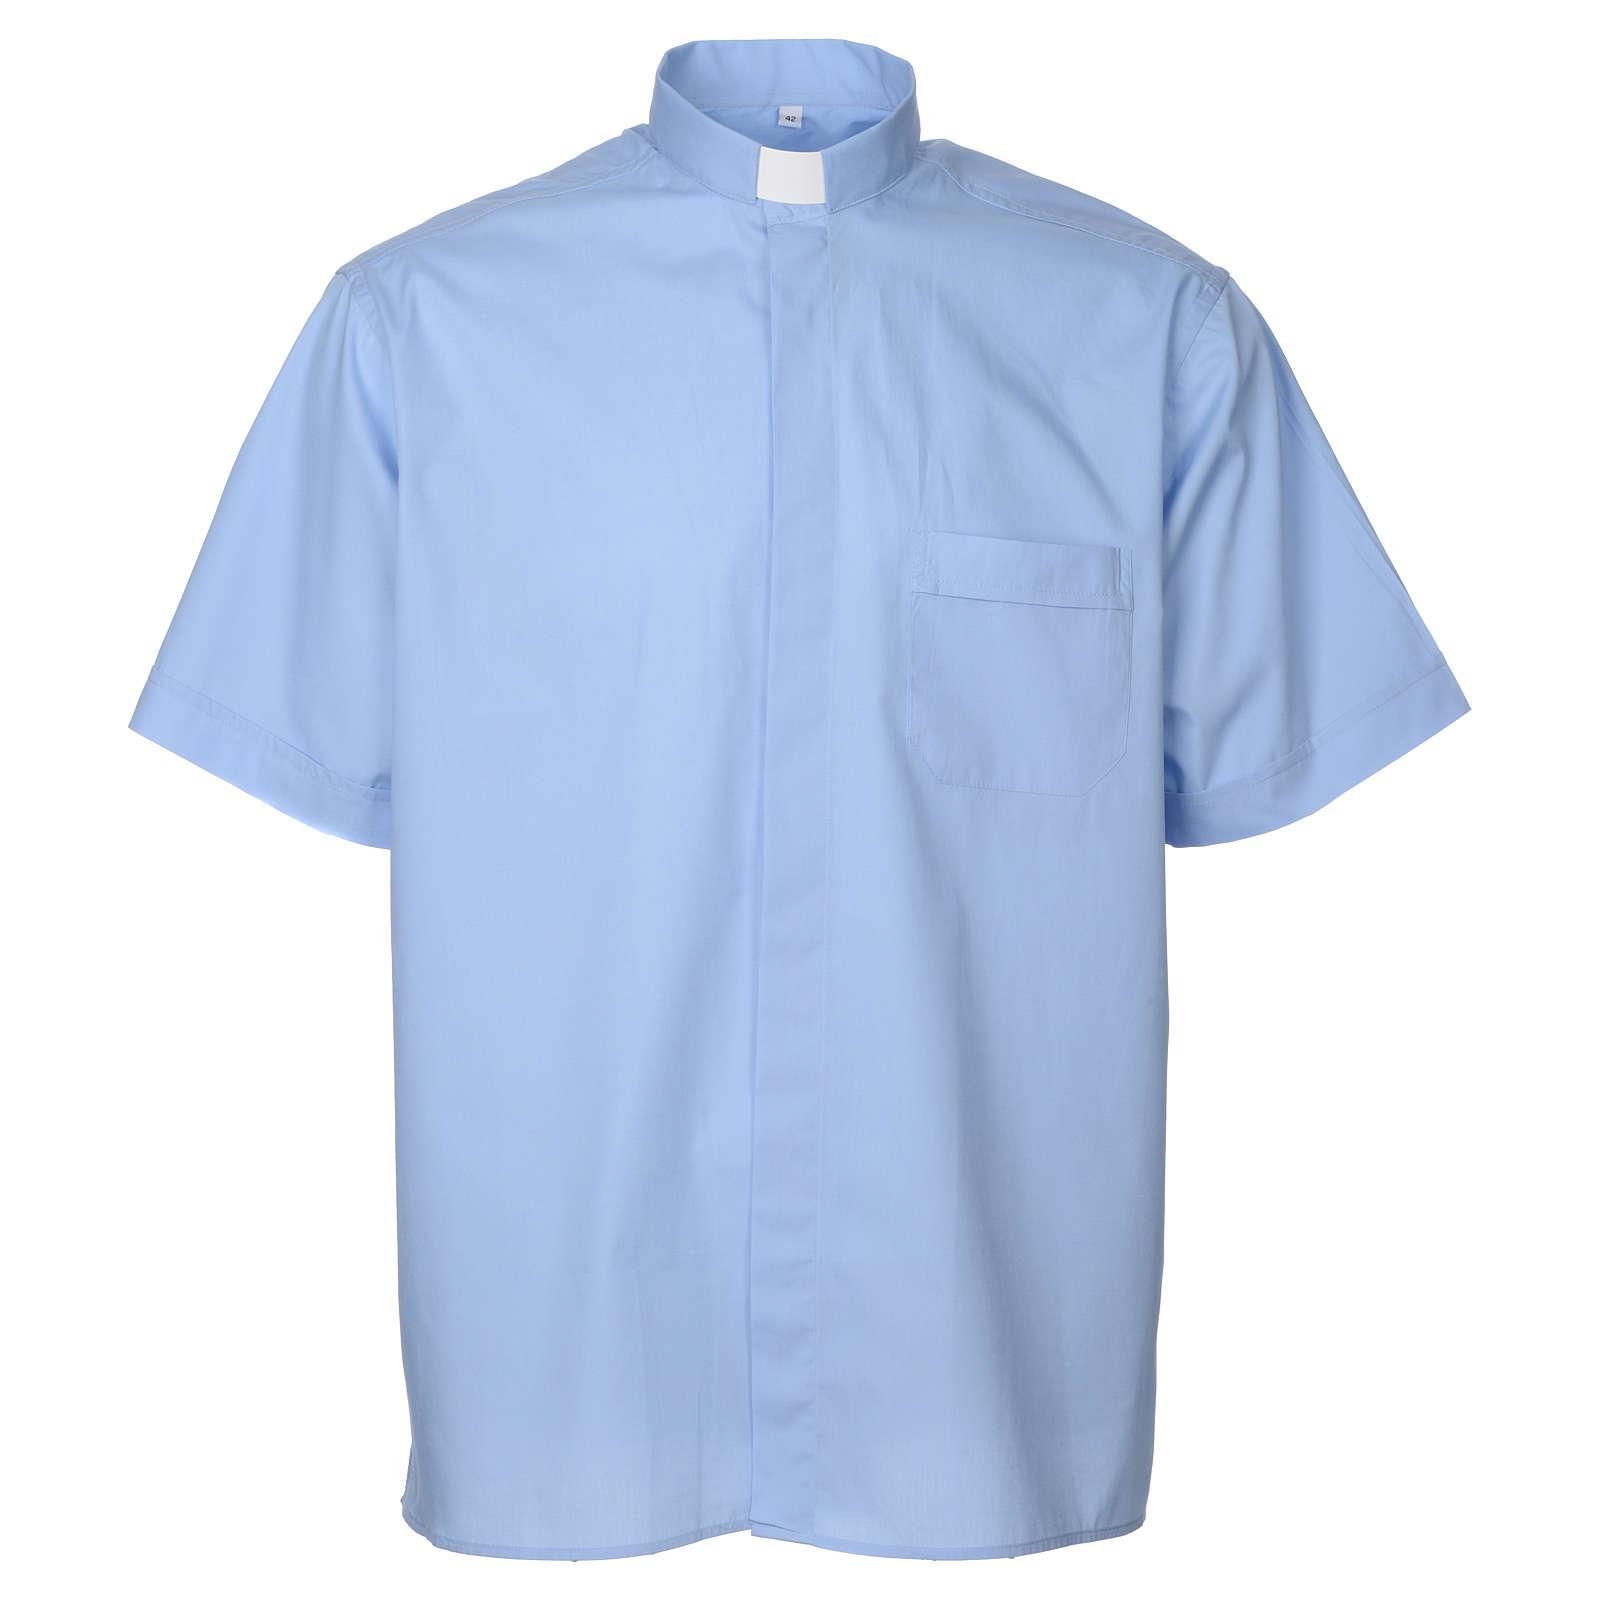 STOCK Camisa clergyman manga curta misto azul claro 4